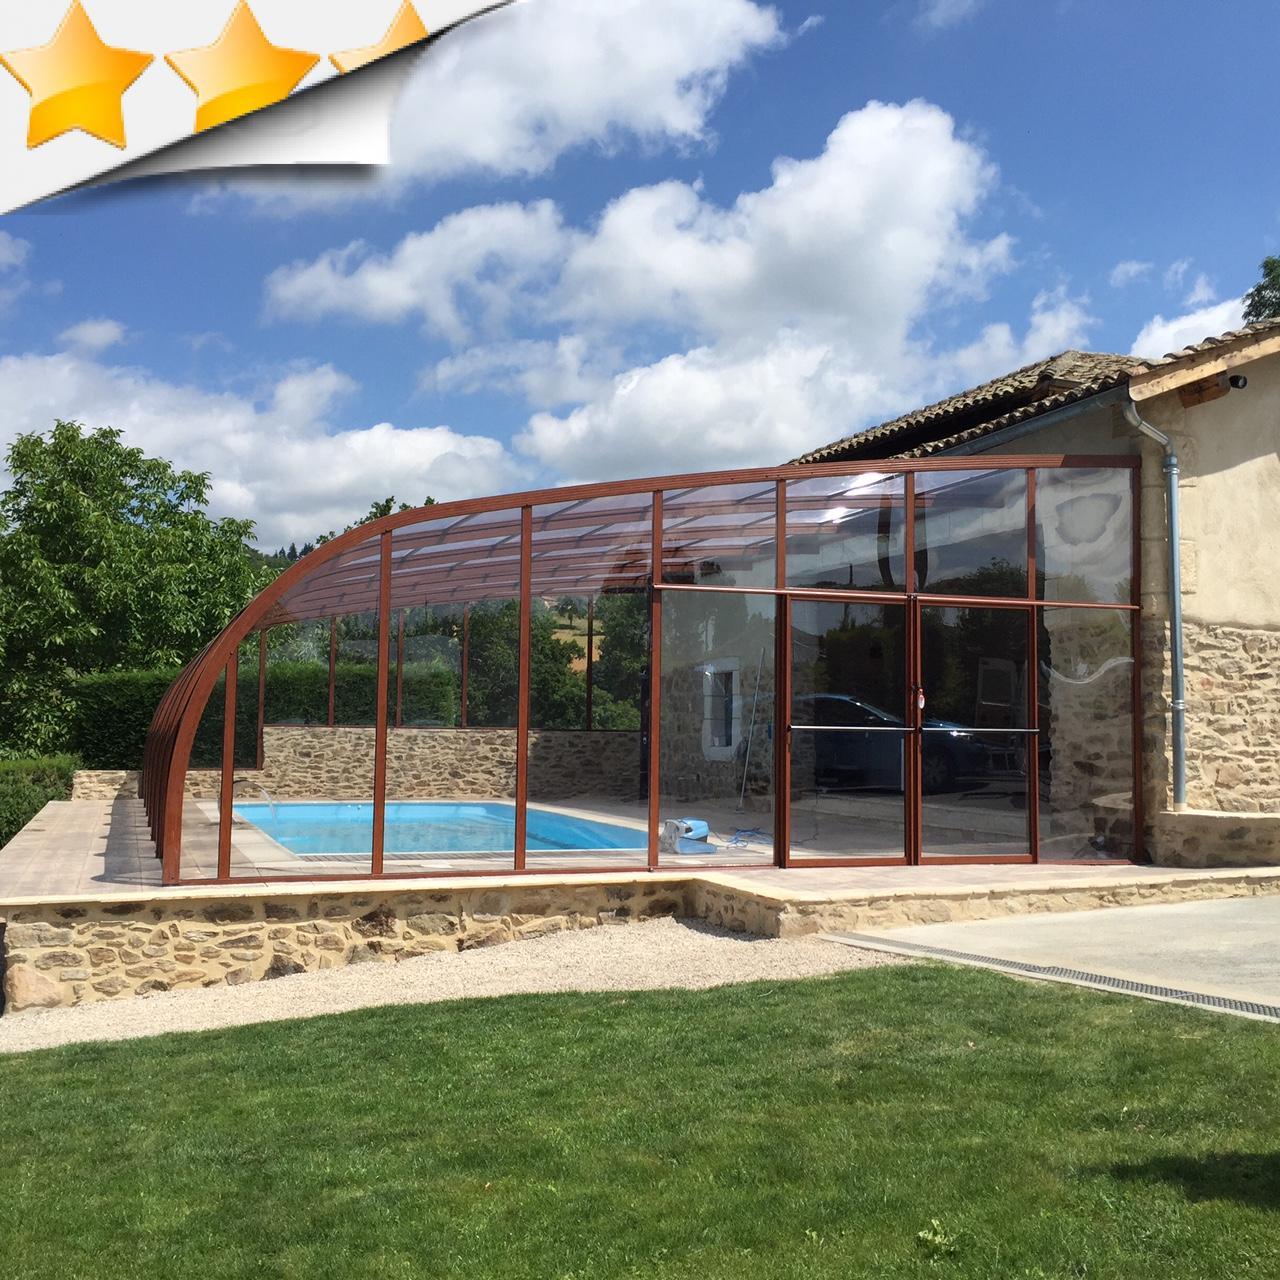 Vente abri de piscine par lpc for Abri de piscine bulle